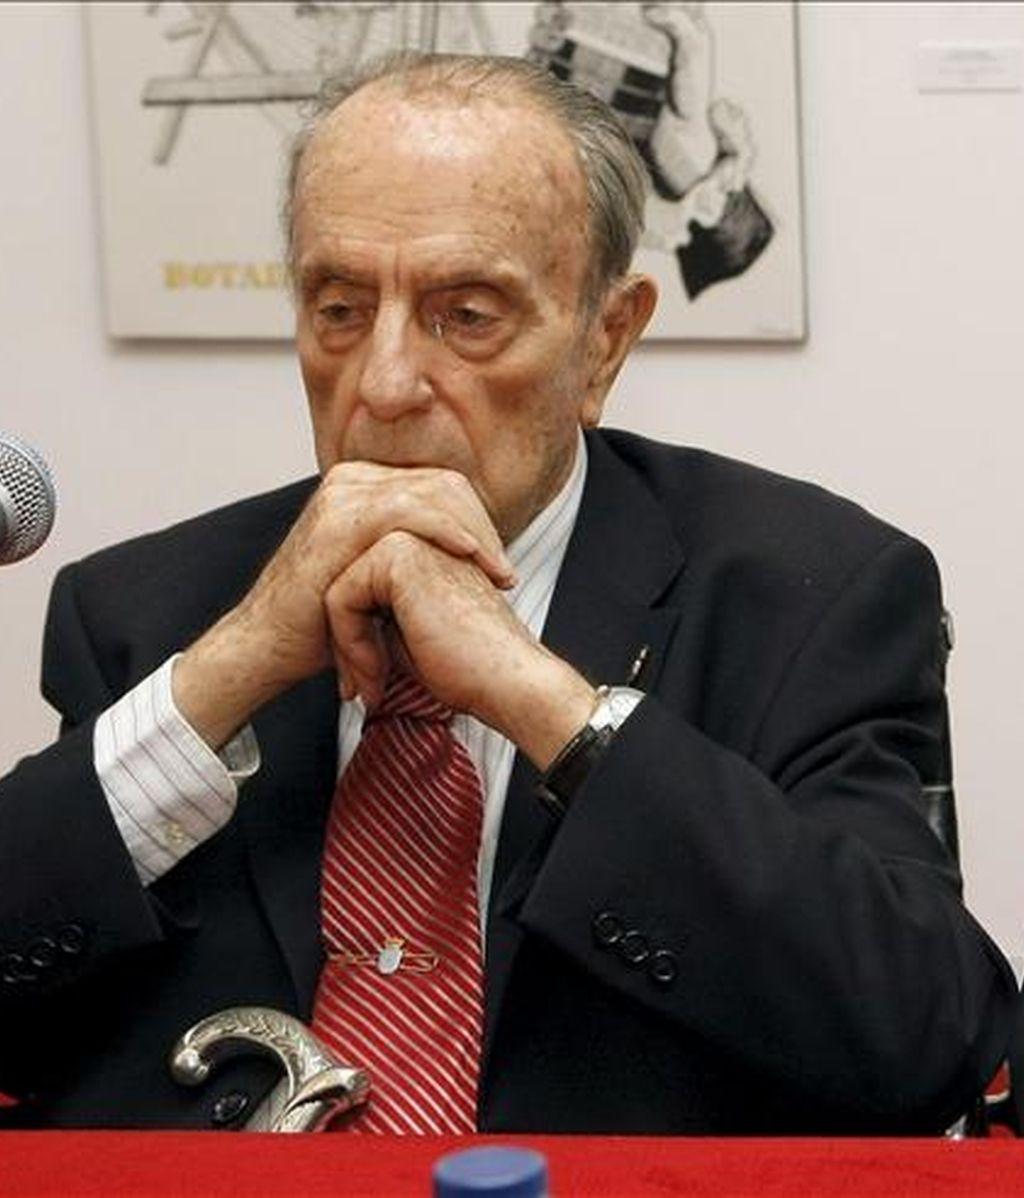 El ex presidente de la Xunta Manuel Fraga. EFE/Archivo